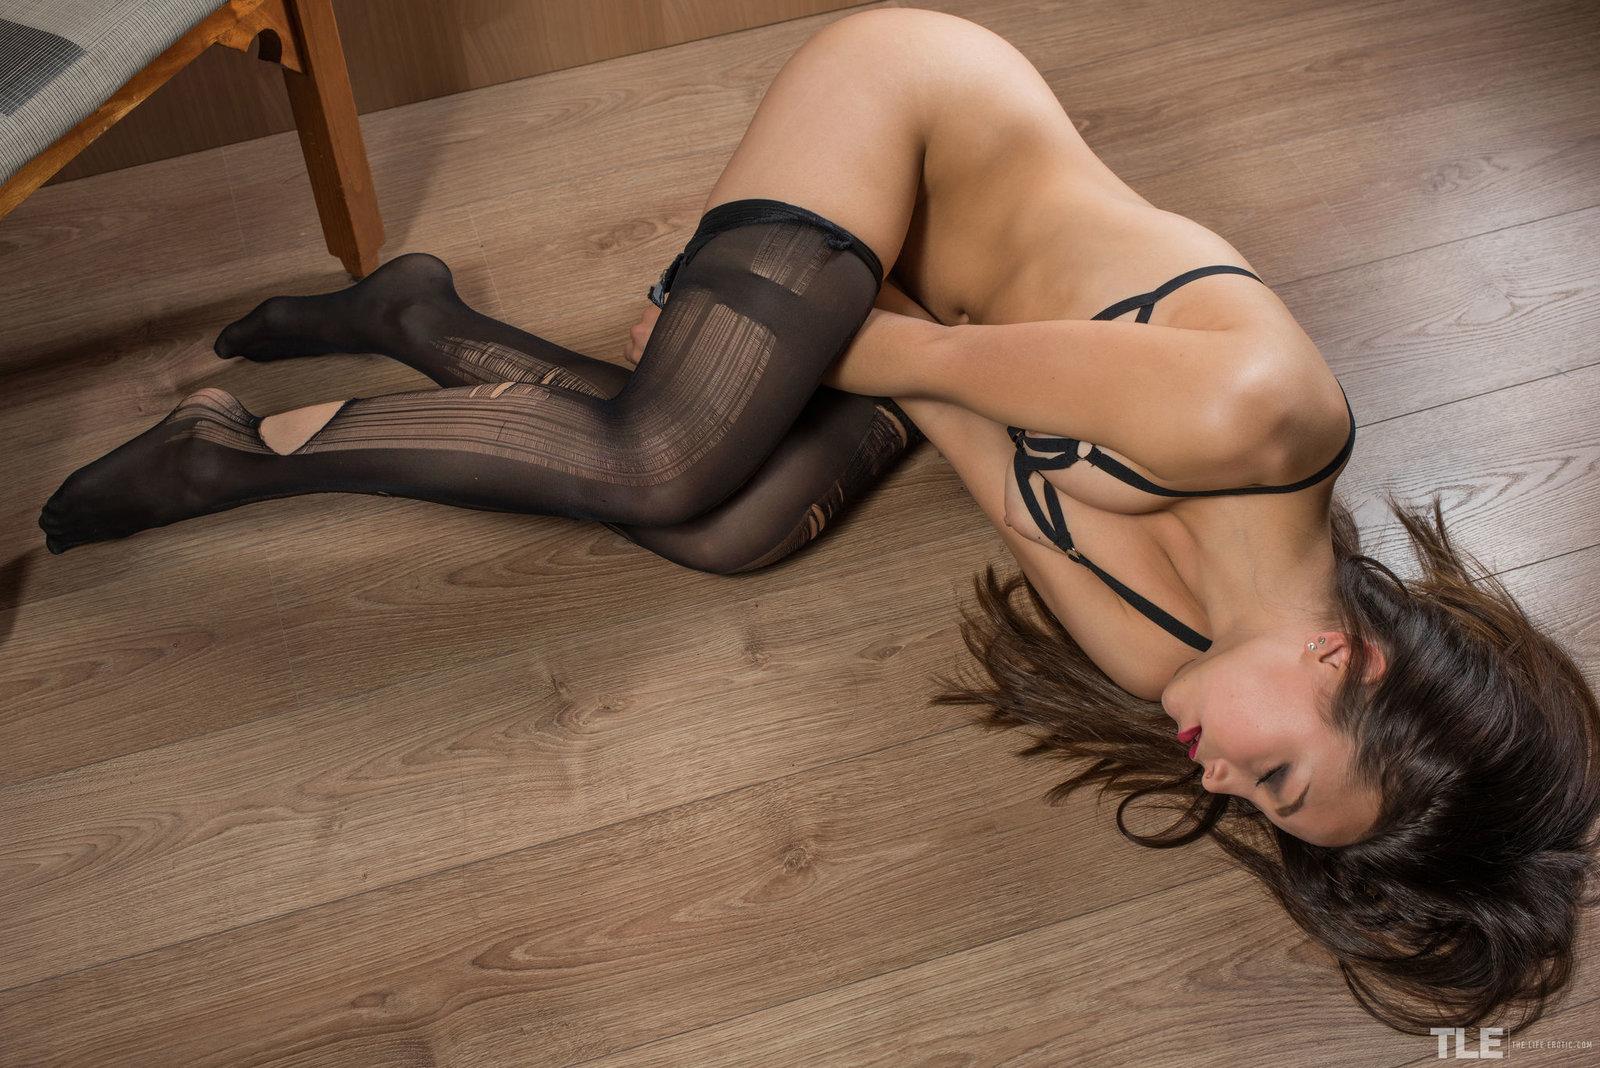 Тихие стоны в порванных колготках, Стоны, порно со Стонущими девушками 20 фотография